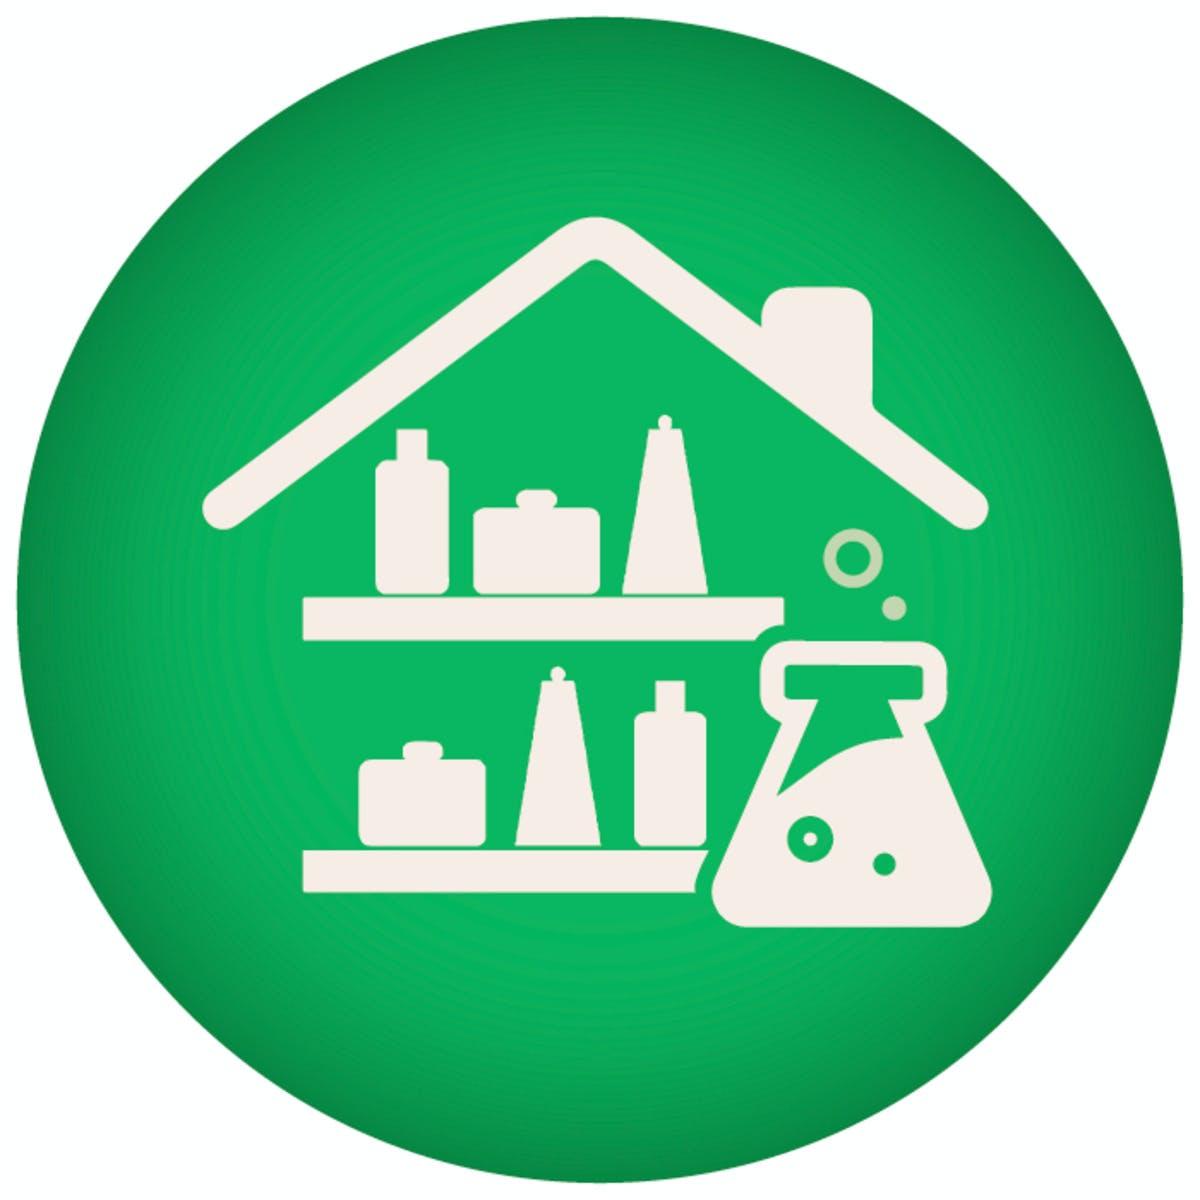 ¡¿Cómo?! ¿Química en mi casa?